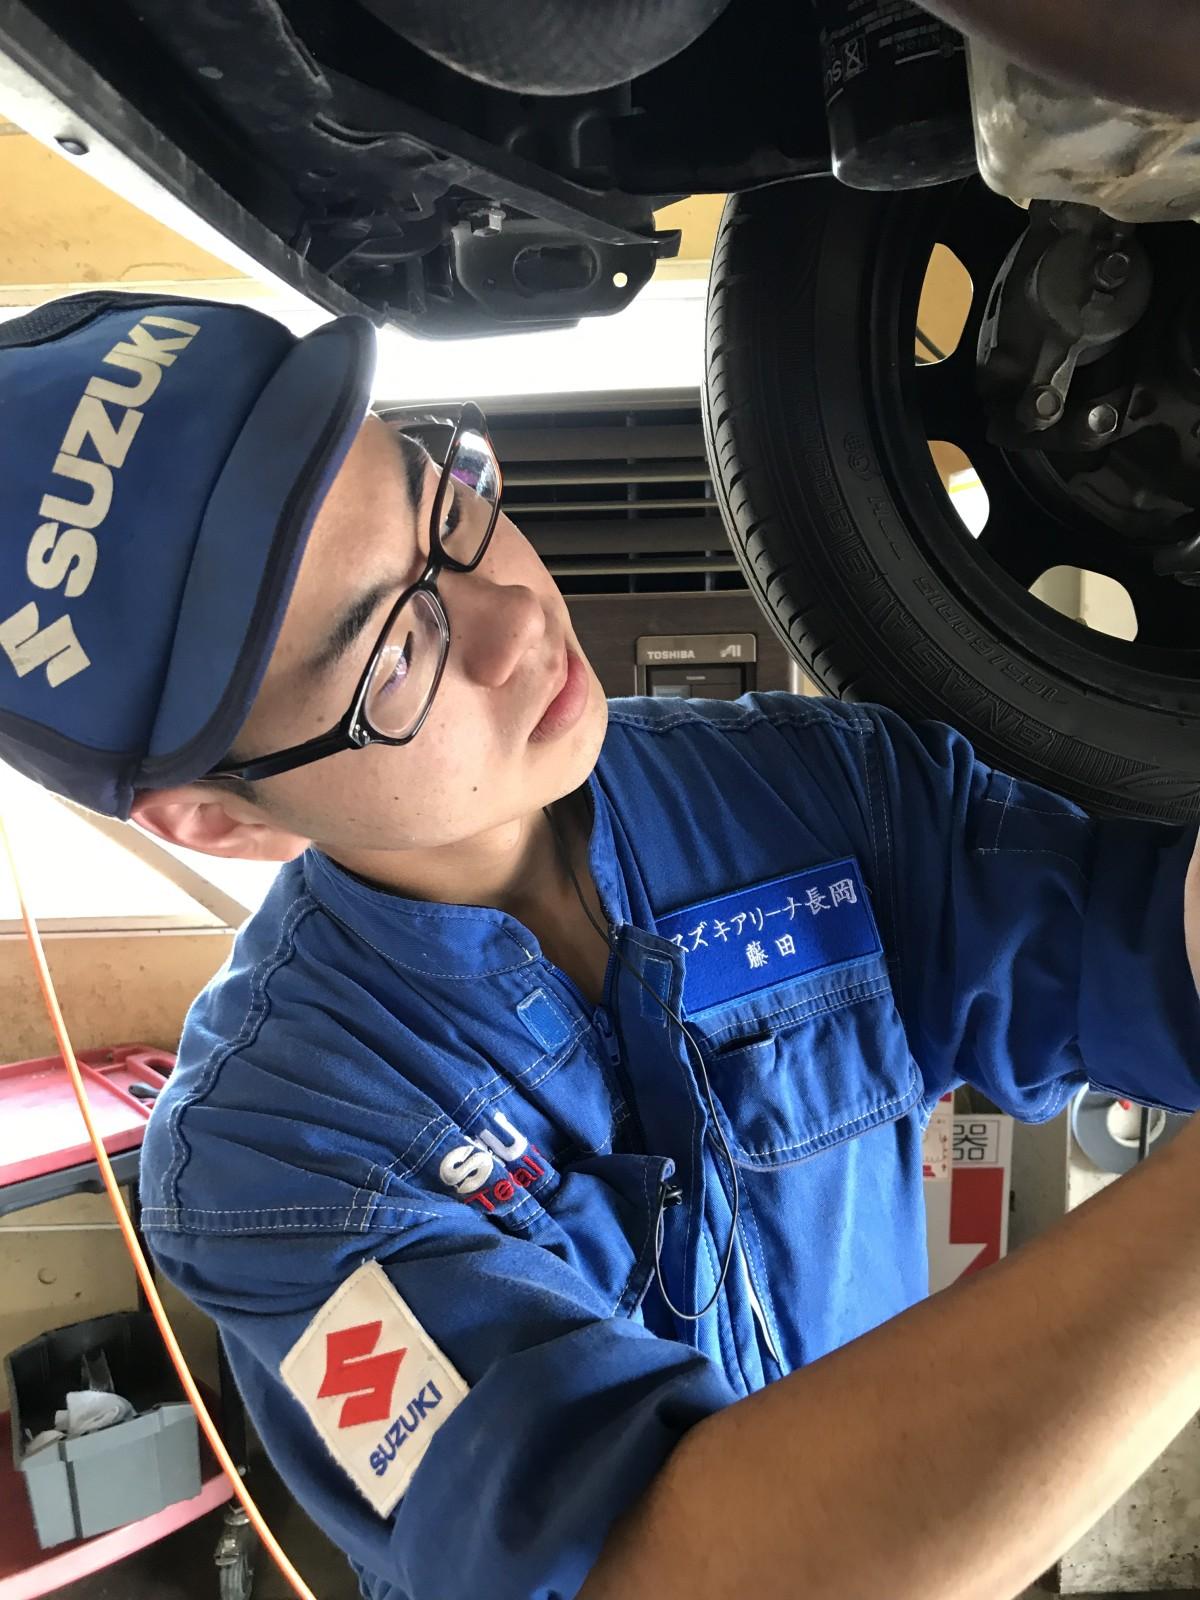 【スズキアリーナ長岡】自動車整備士 マイカー通勤OK・サービス手当あり・年間表彰奨励金あり